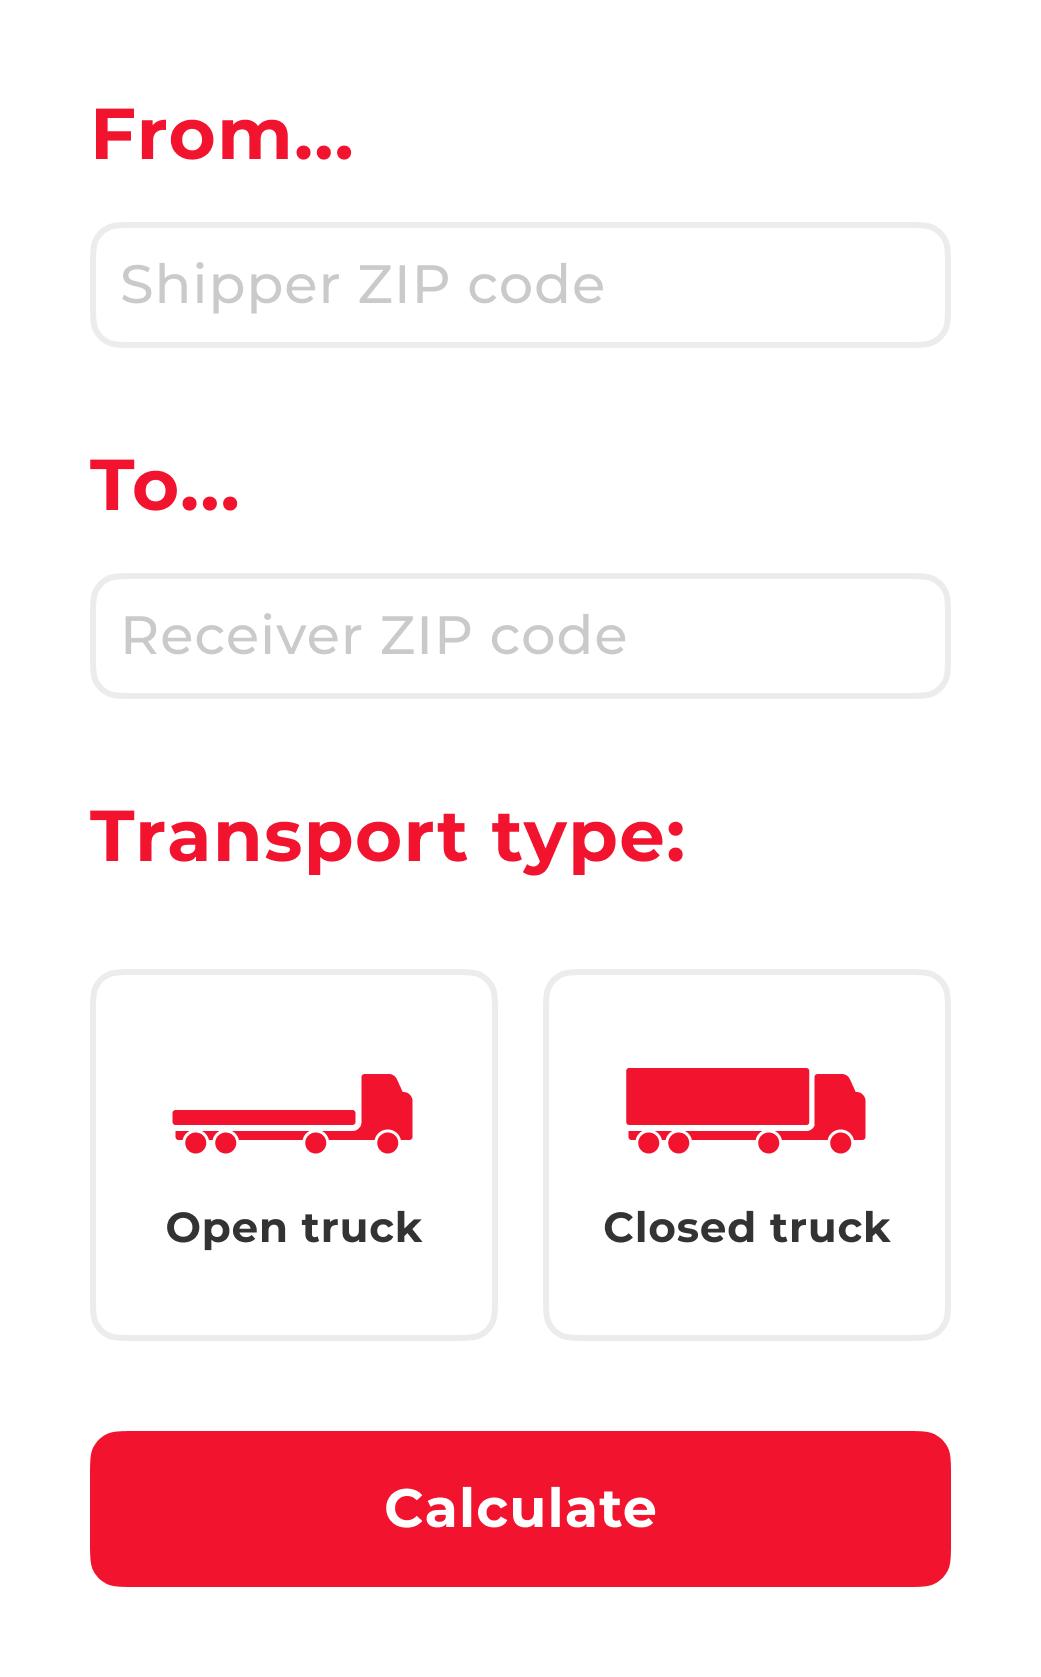 Дизайн сайта - автоперевозка авто в США -car hauling фото f_2406092a15878bd1.jpg